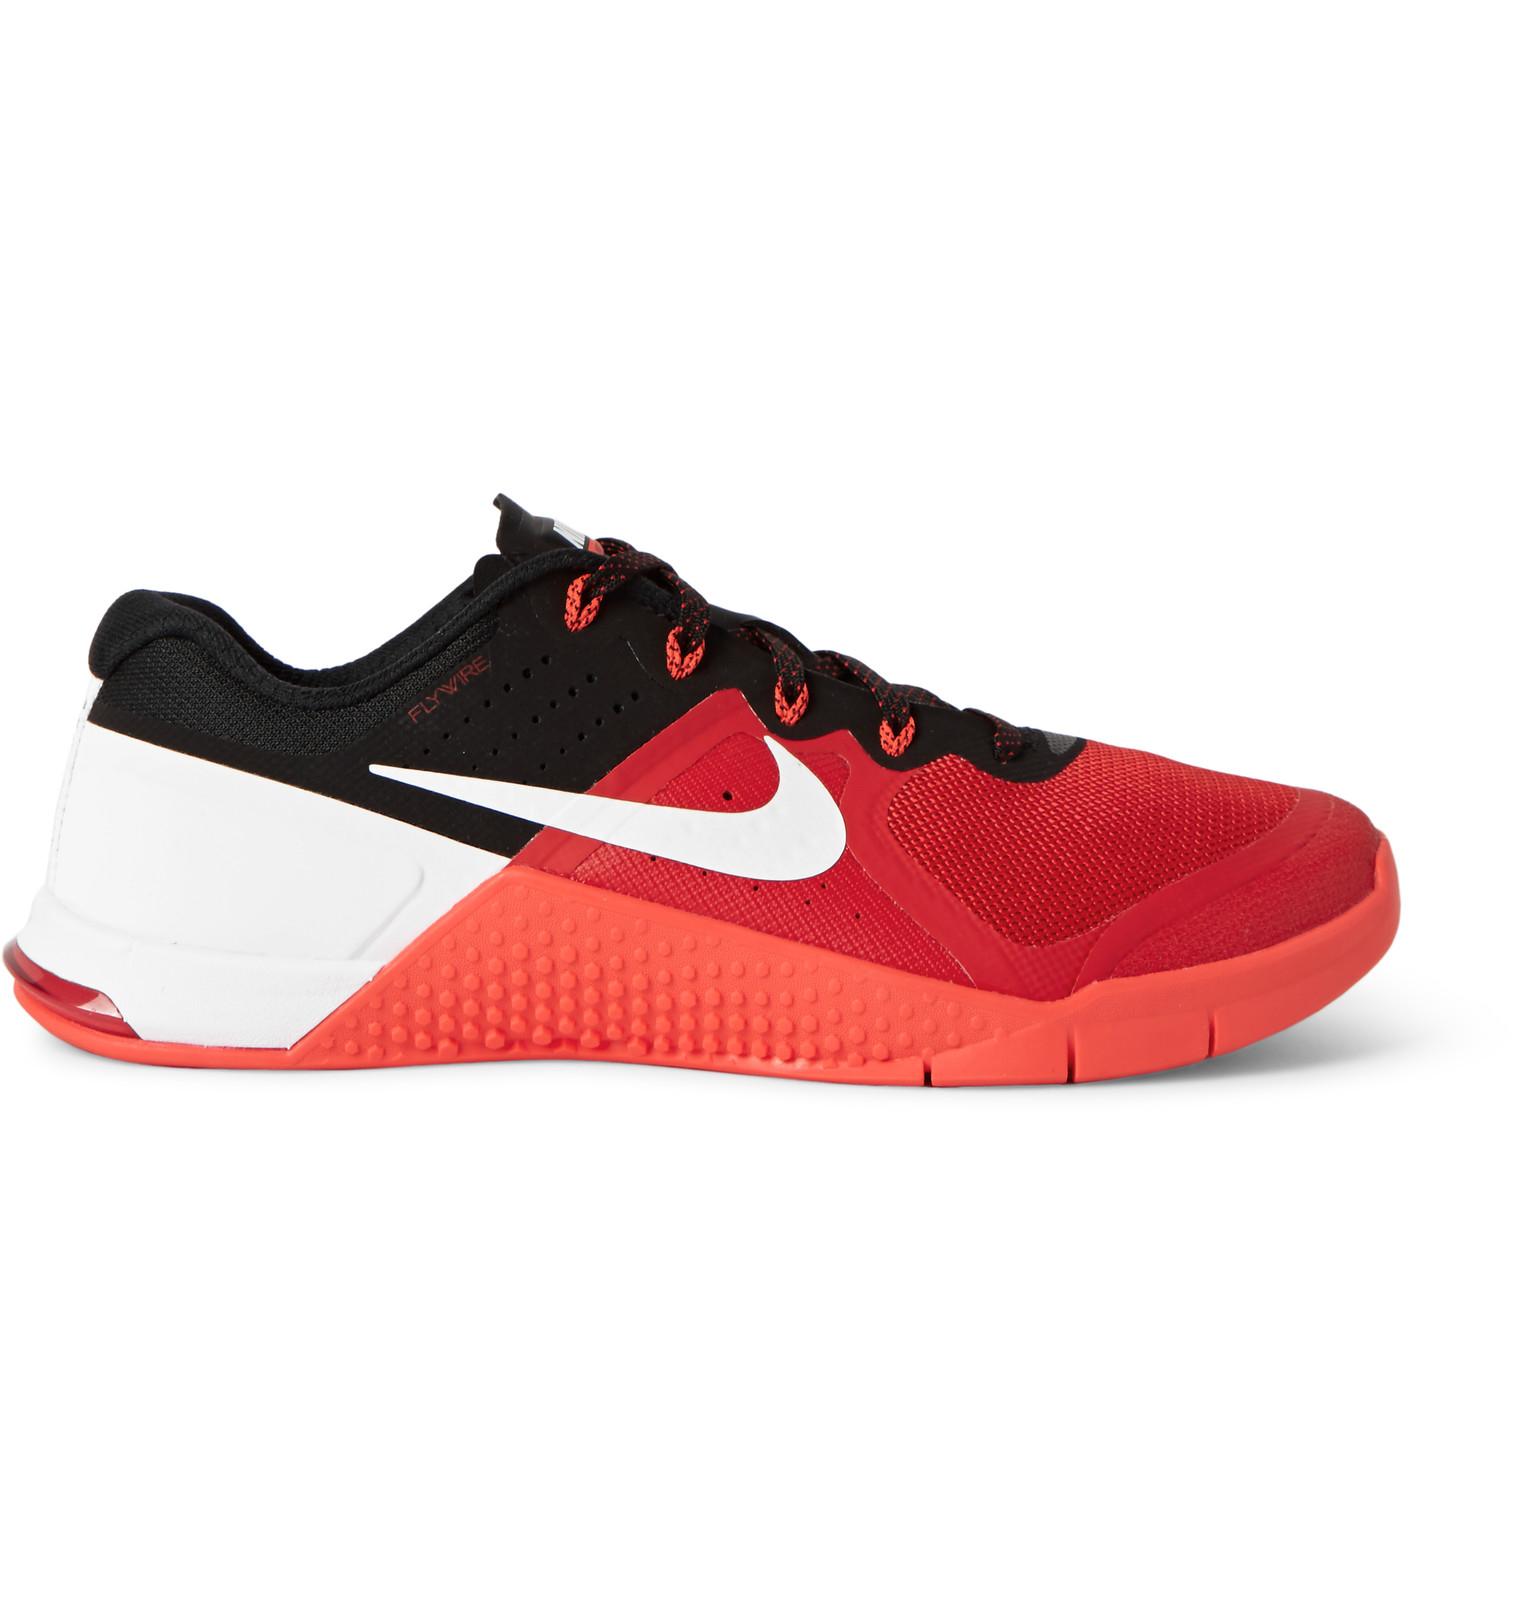 nike metcon 2 maglie e di scarpe da ginnastica in rosso per gli uomini lyst